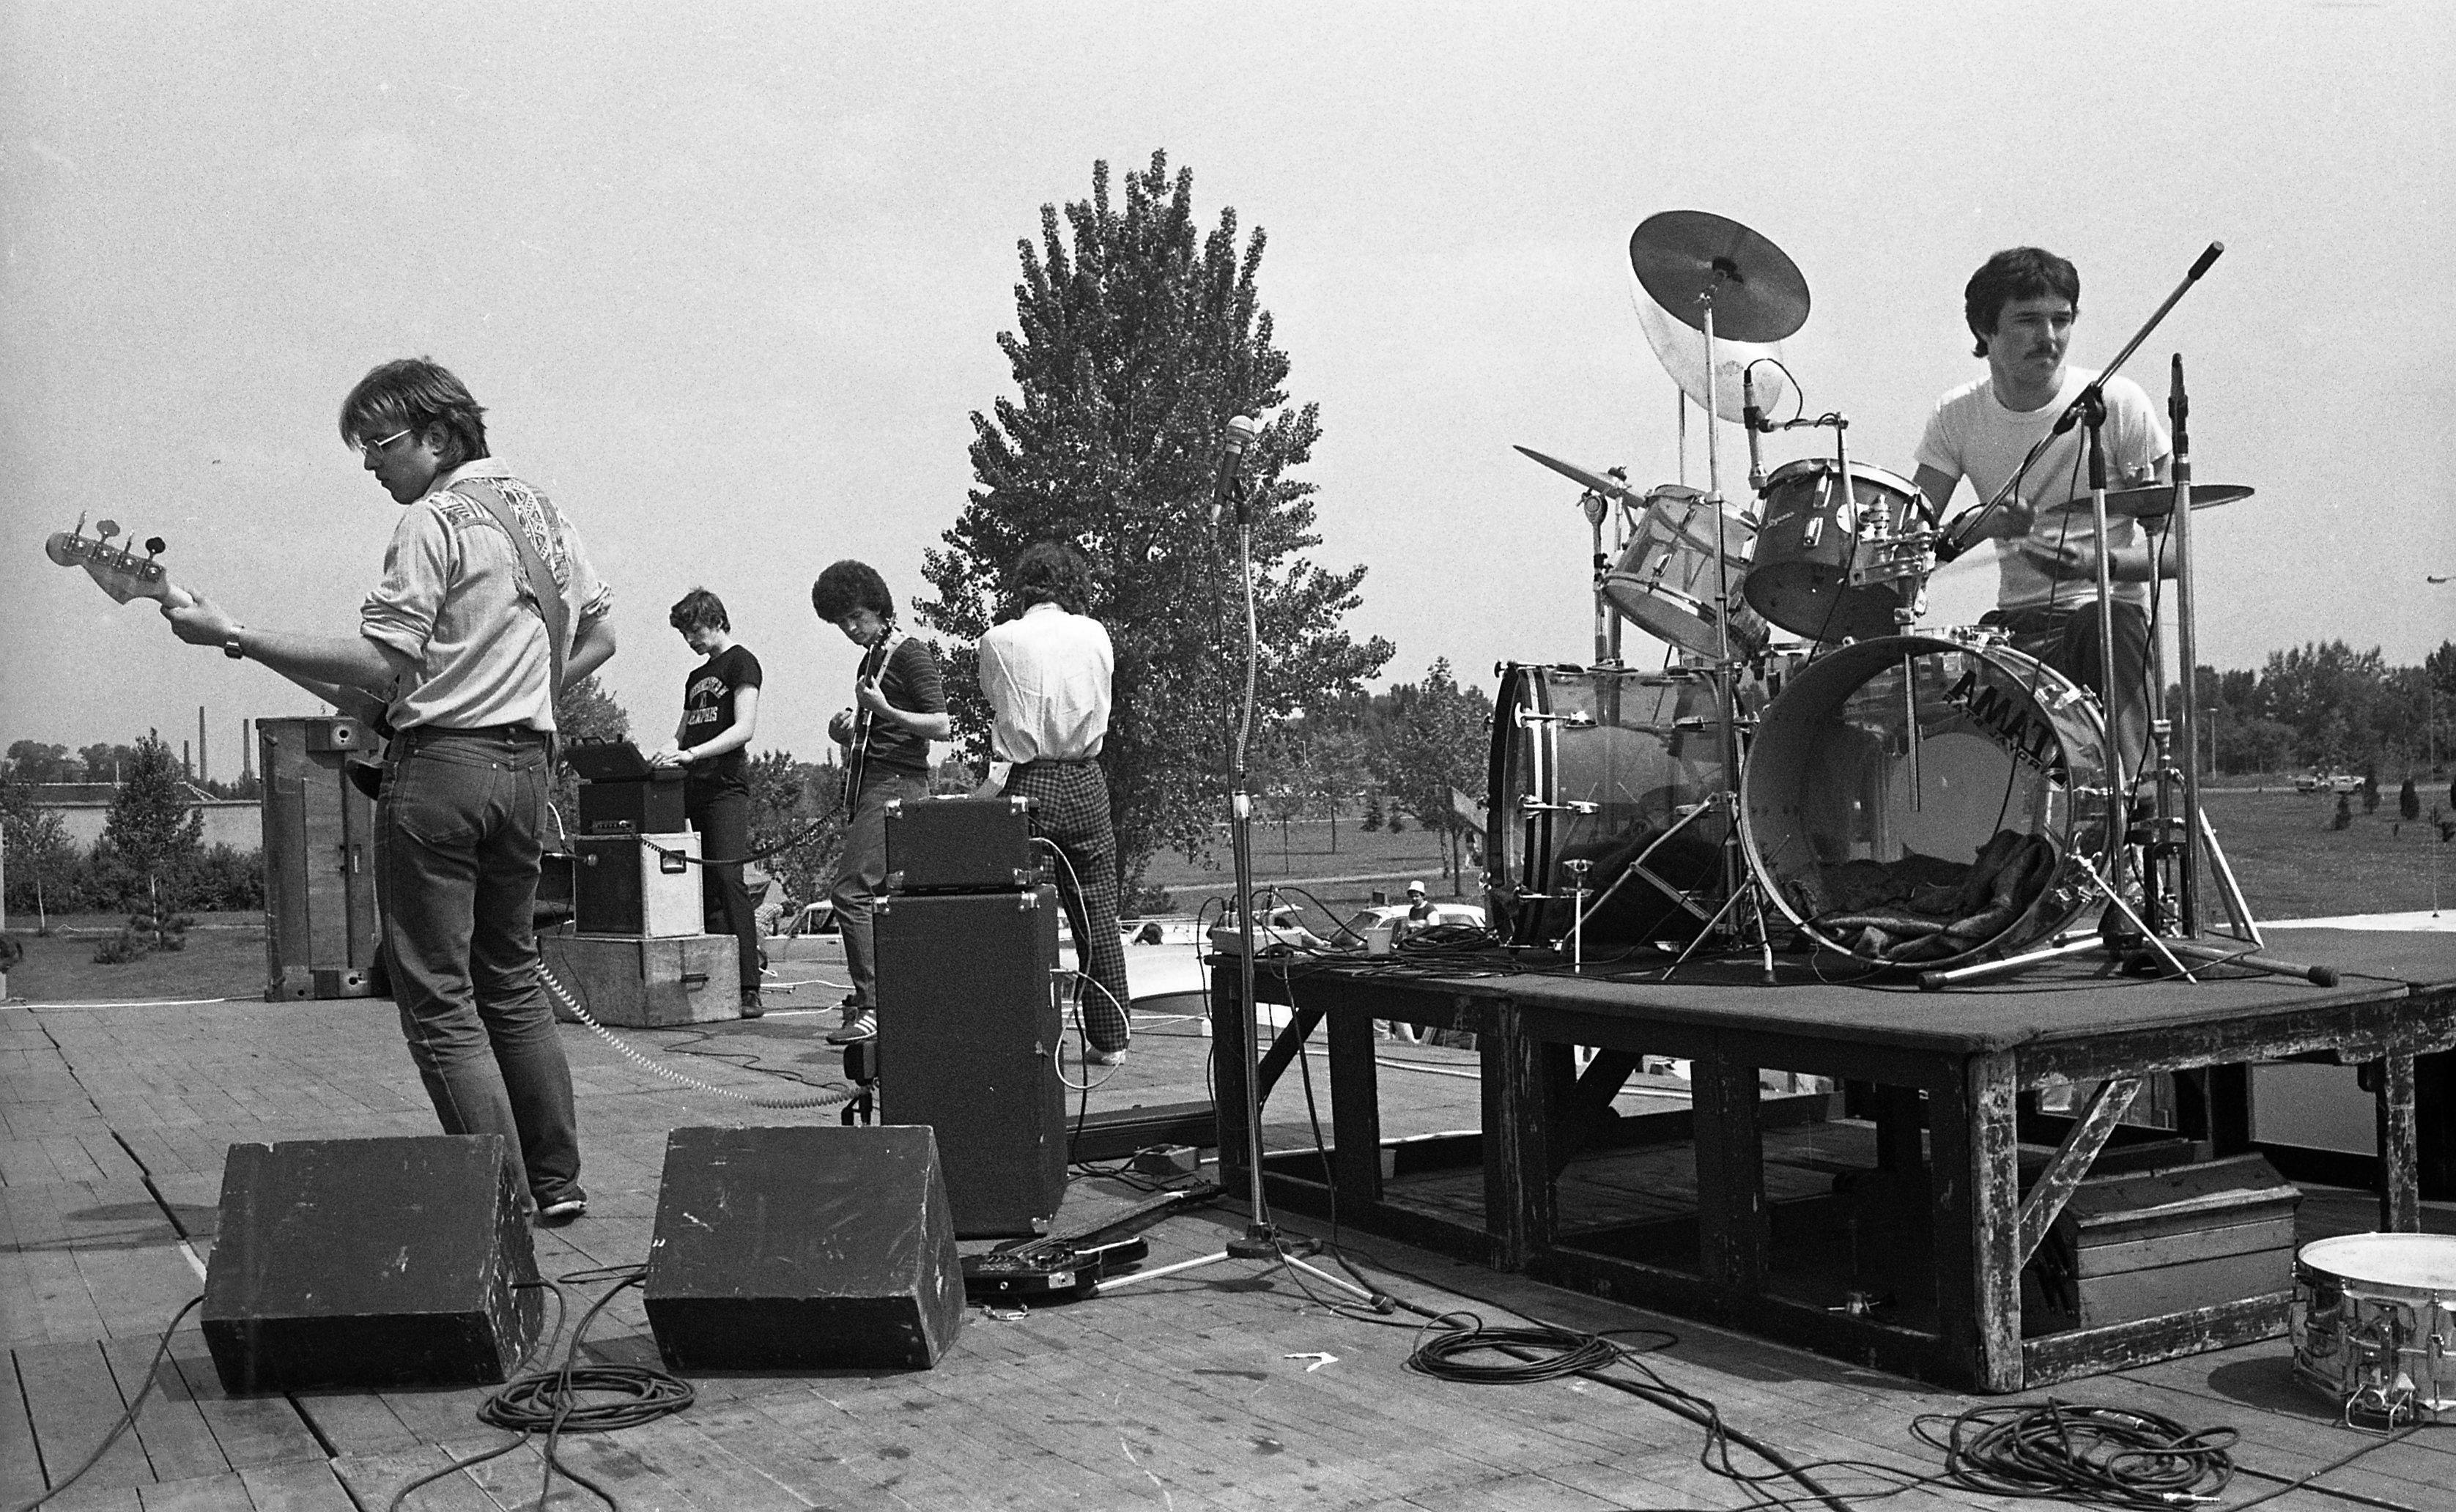 A Madártej zenekar koncert vagy beállás közben (fotó: Fortepan/Urbán Tamás)